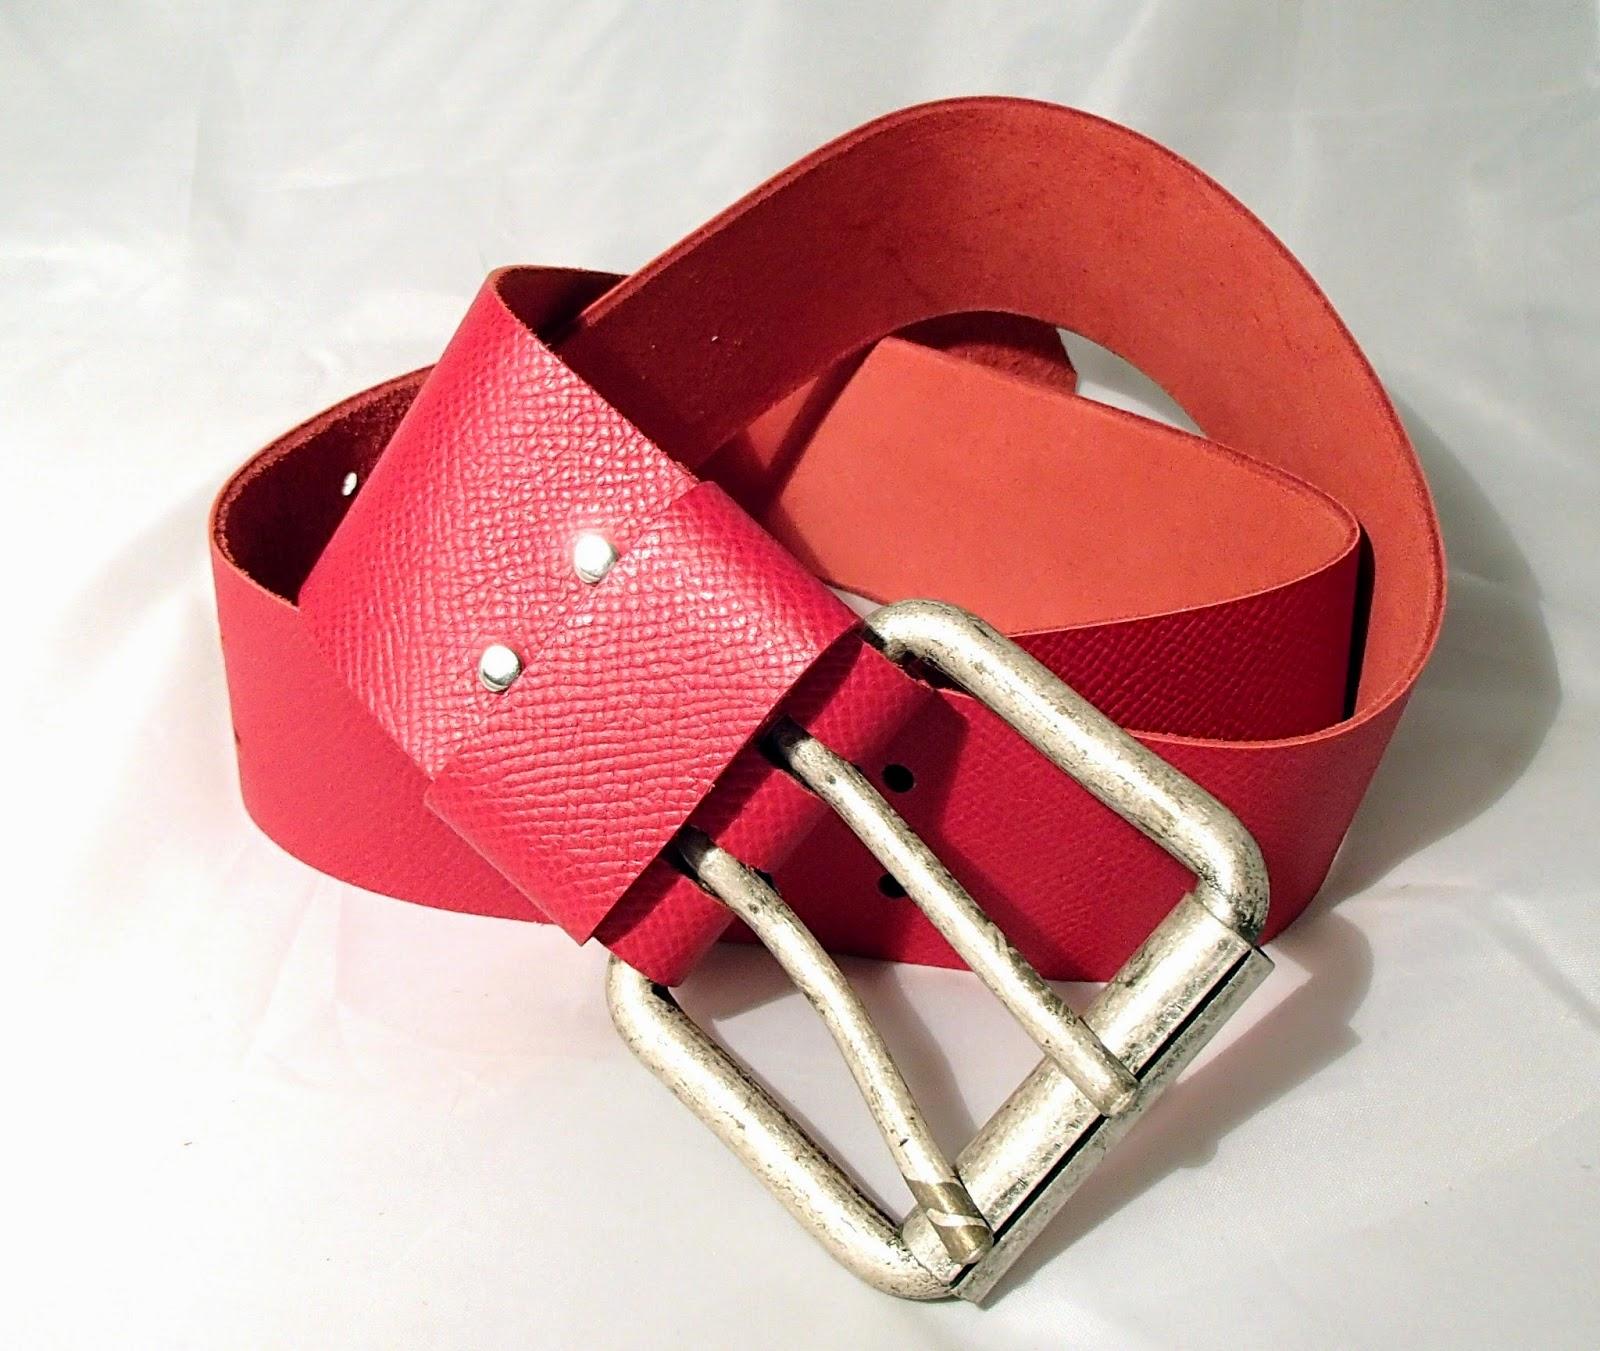 Vue d'ensemble de la ceinture large en cuir rouge